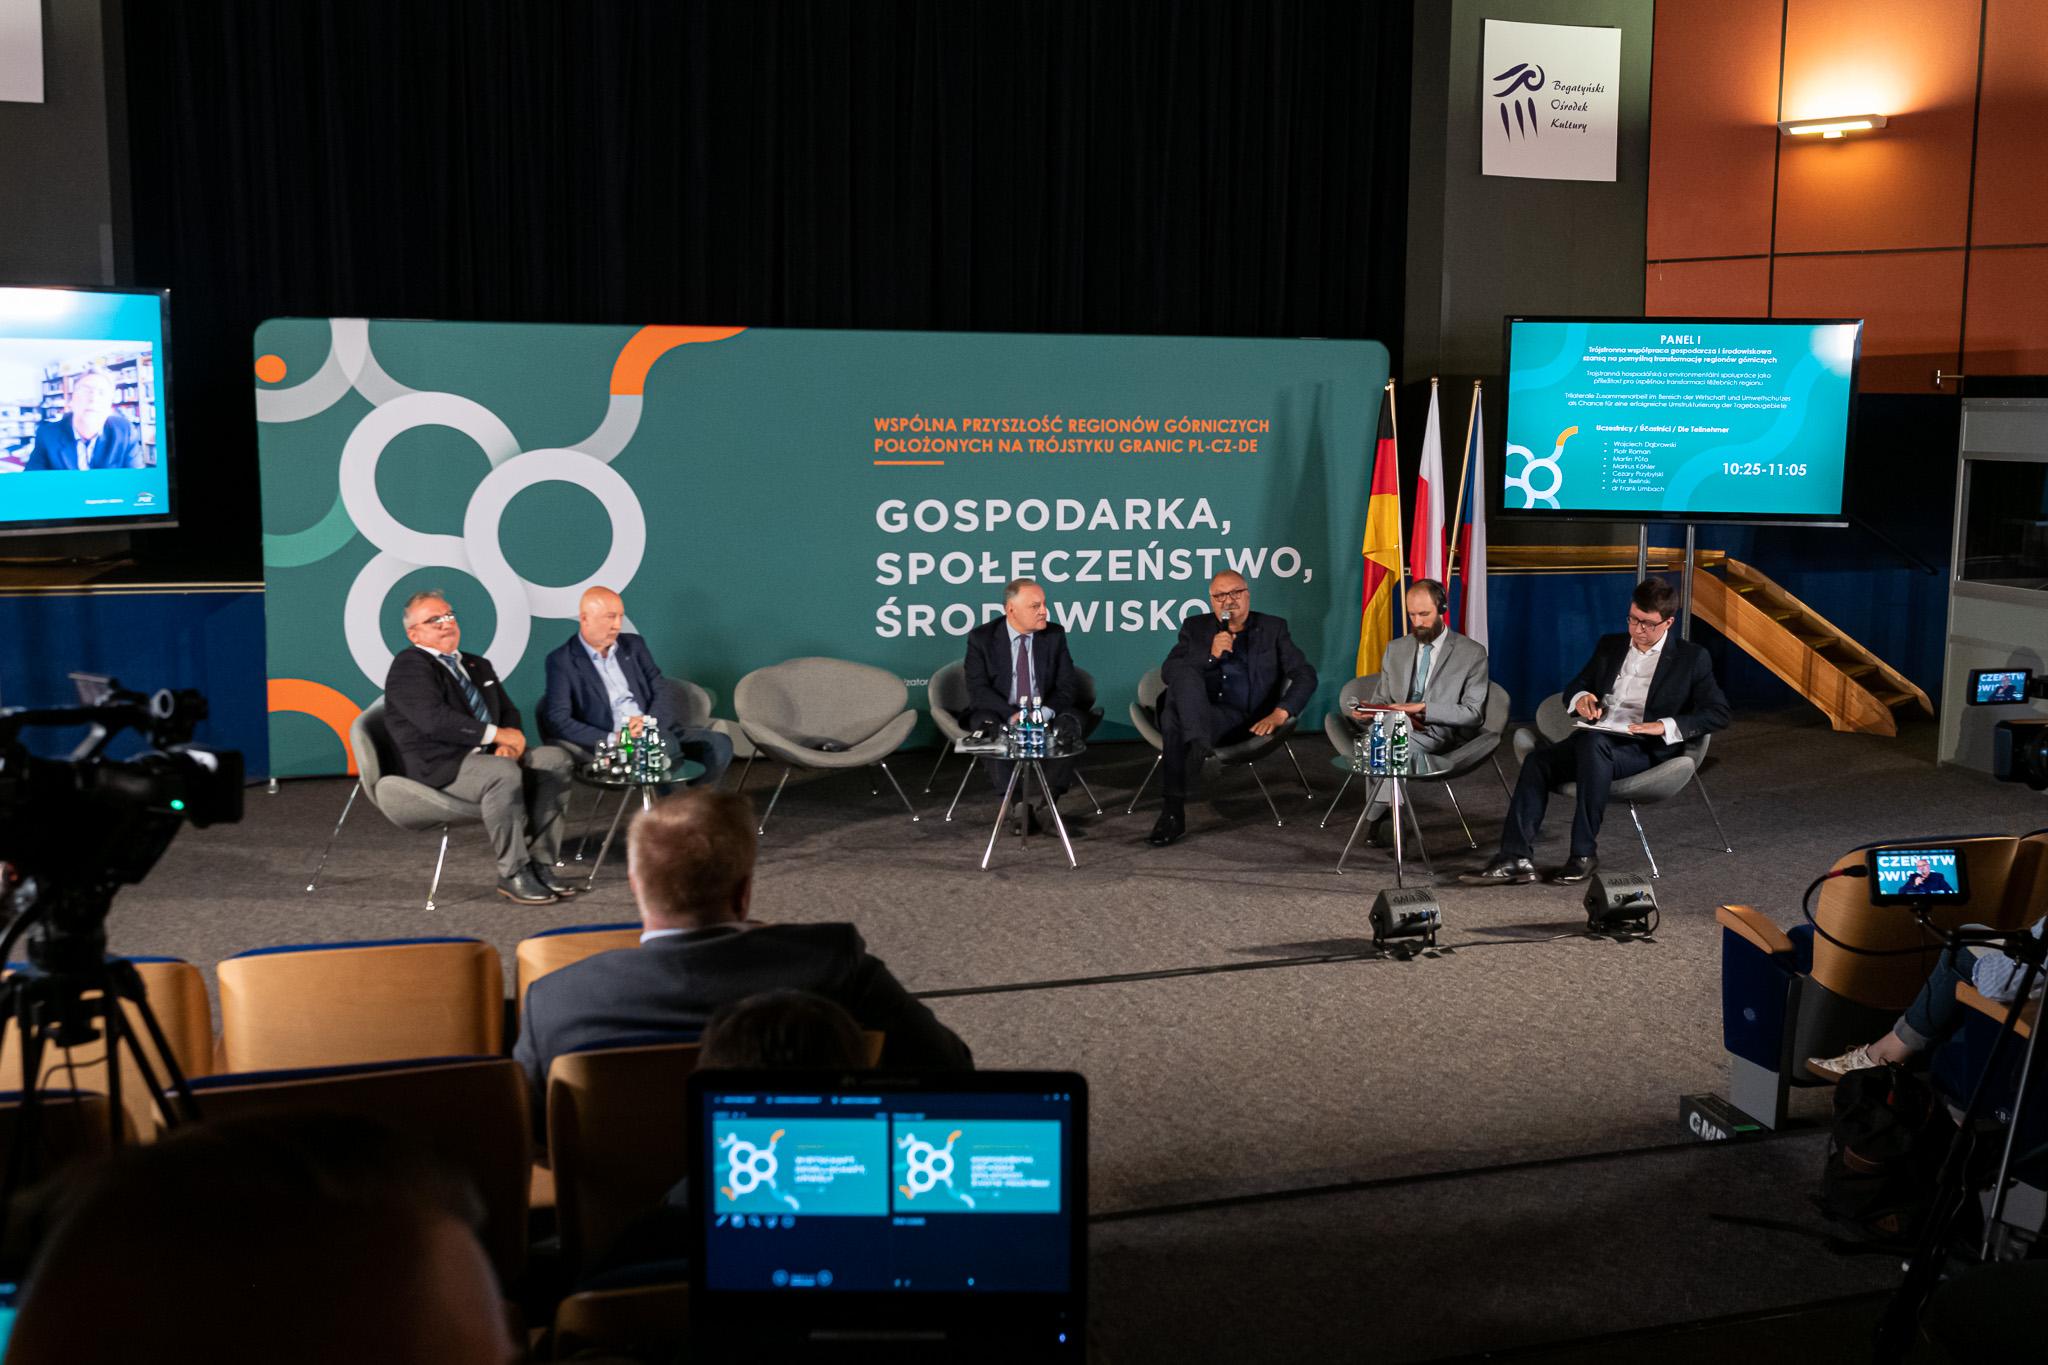 debata-pge-wspolna-przyszlosc-regionow-gorniczych-polozonych-w-trojstyku-granic-pl-cz-de-gospodarka-spoleczenstwo-srodowisko-.jpg